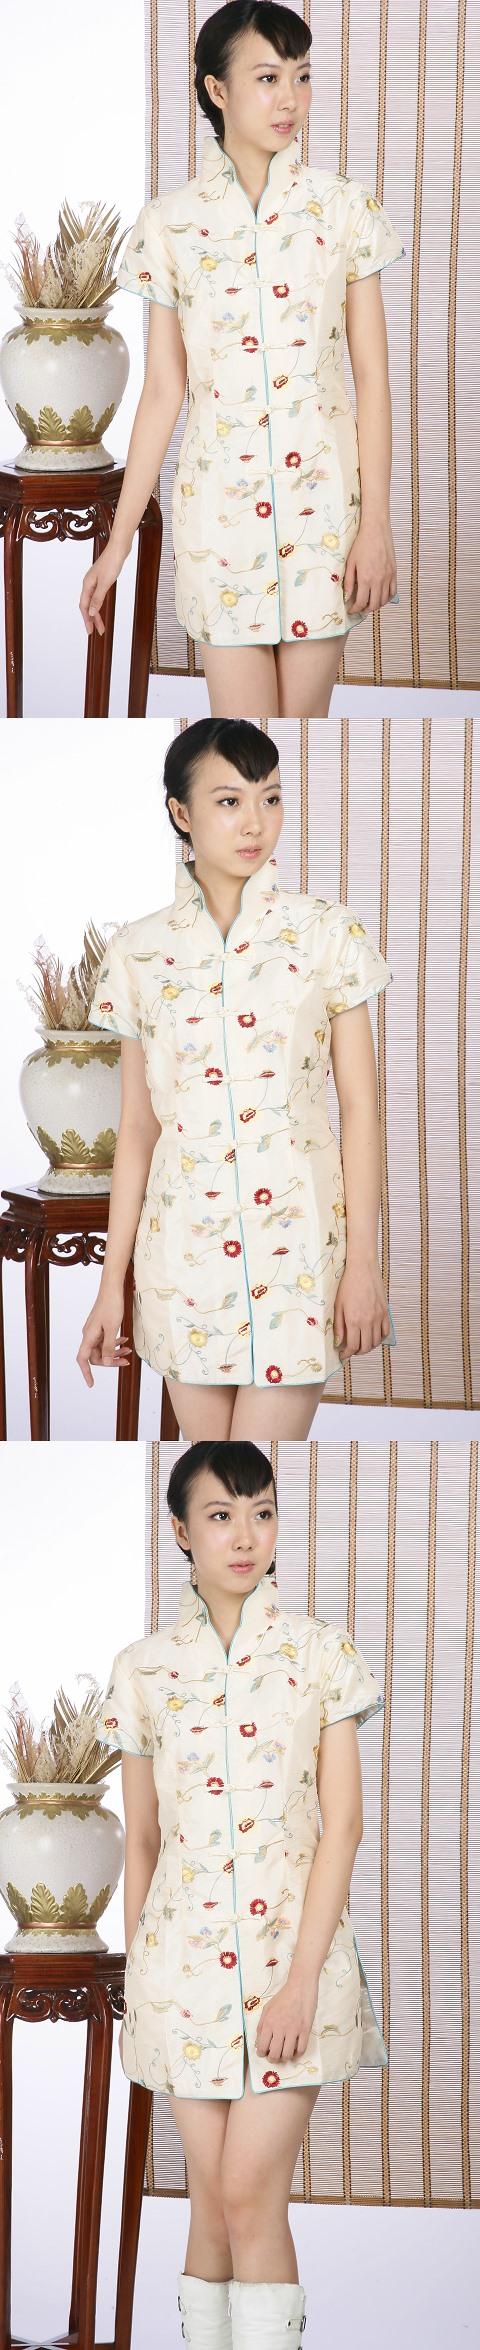 浮雕繡花短袖短旗袍(米金)